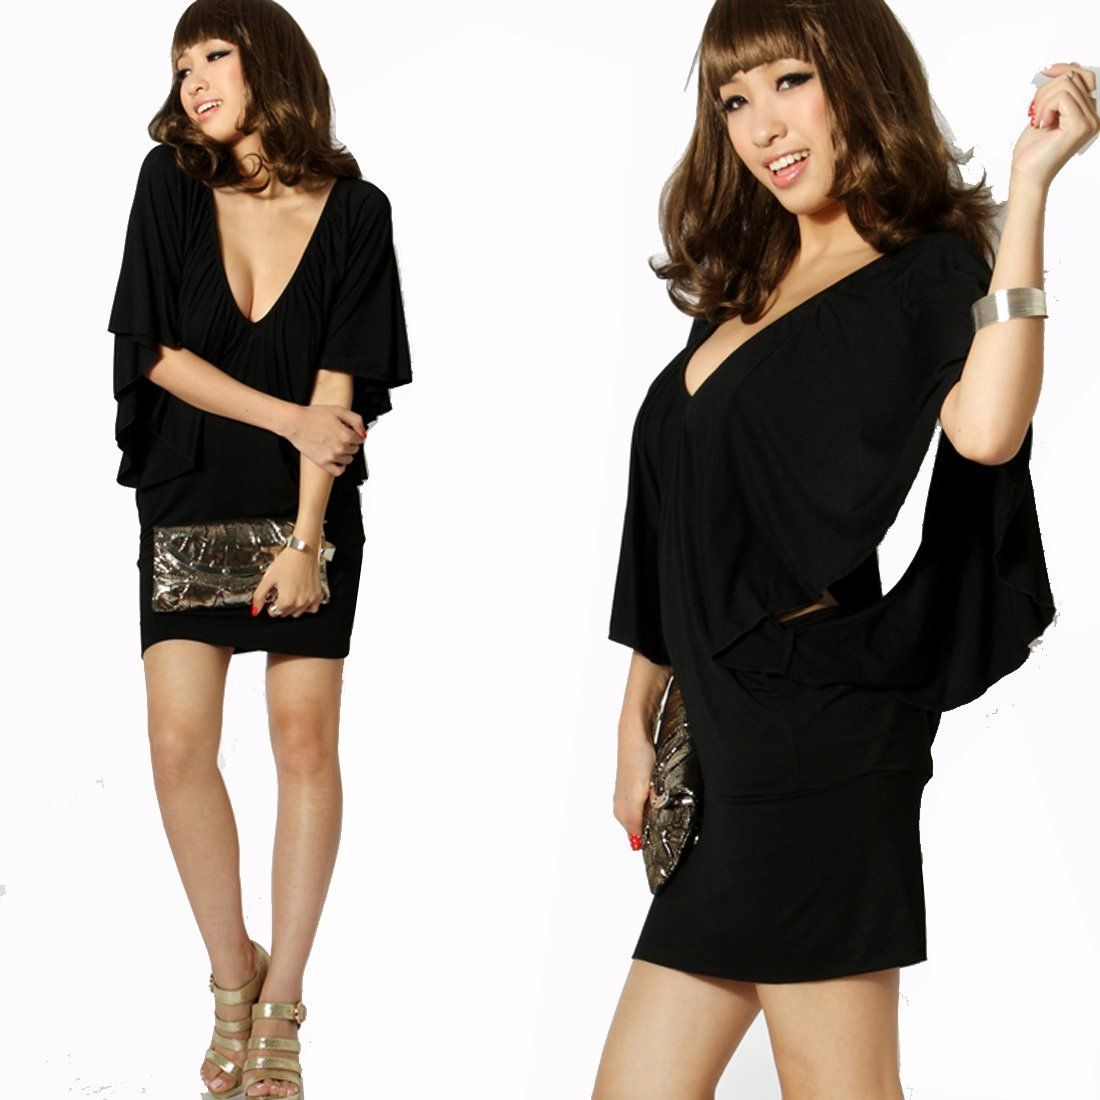 Krazy Sexy Club Cocktail Party Dress #073 Black